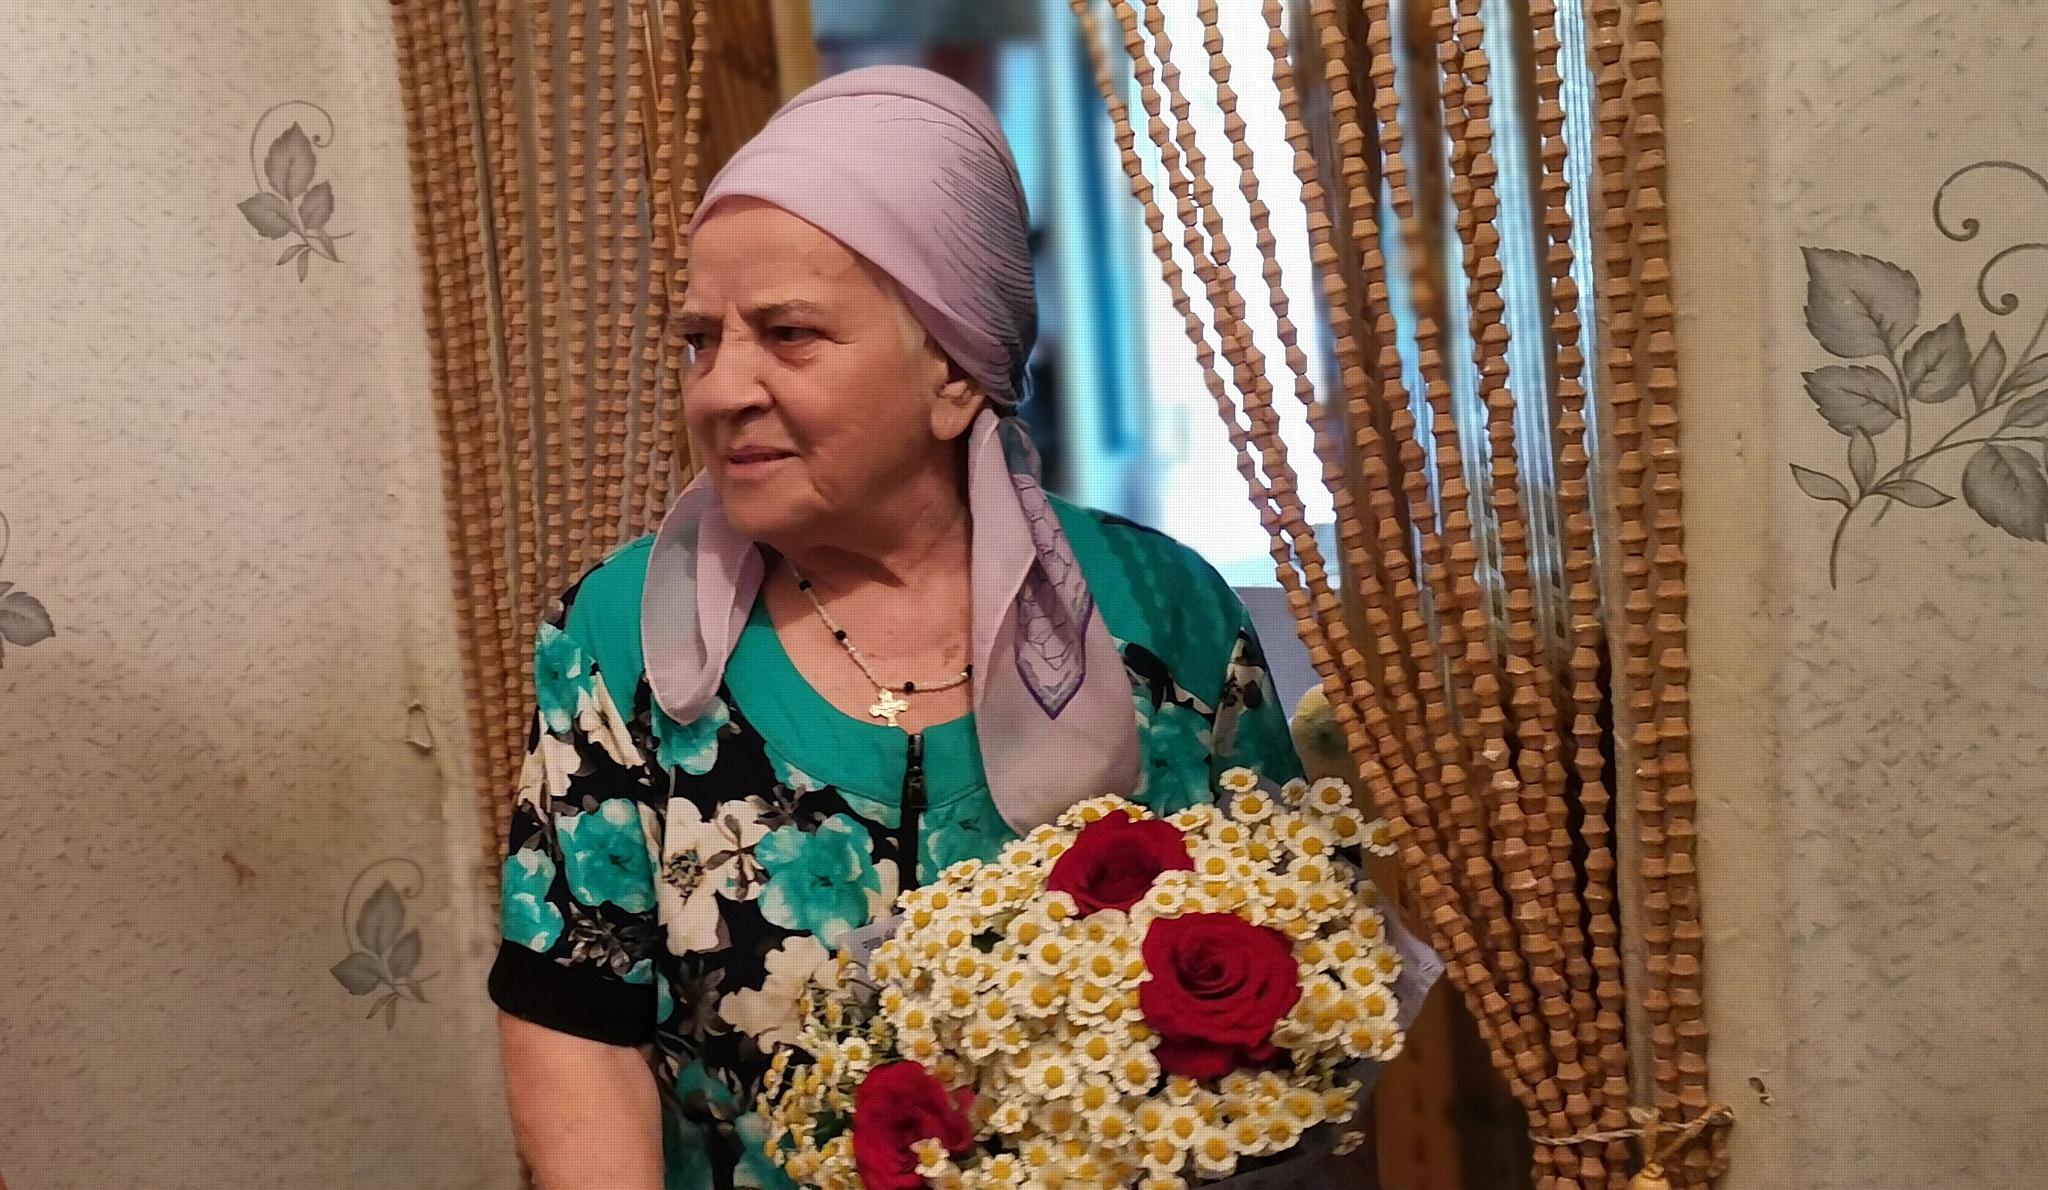 Активисты ОНФ в КБР поздравили медсестру-ветерана с Днем медика